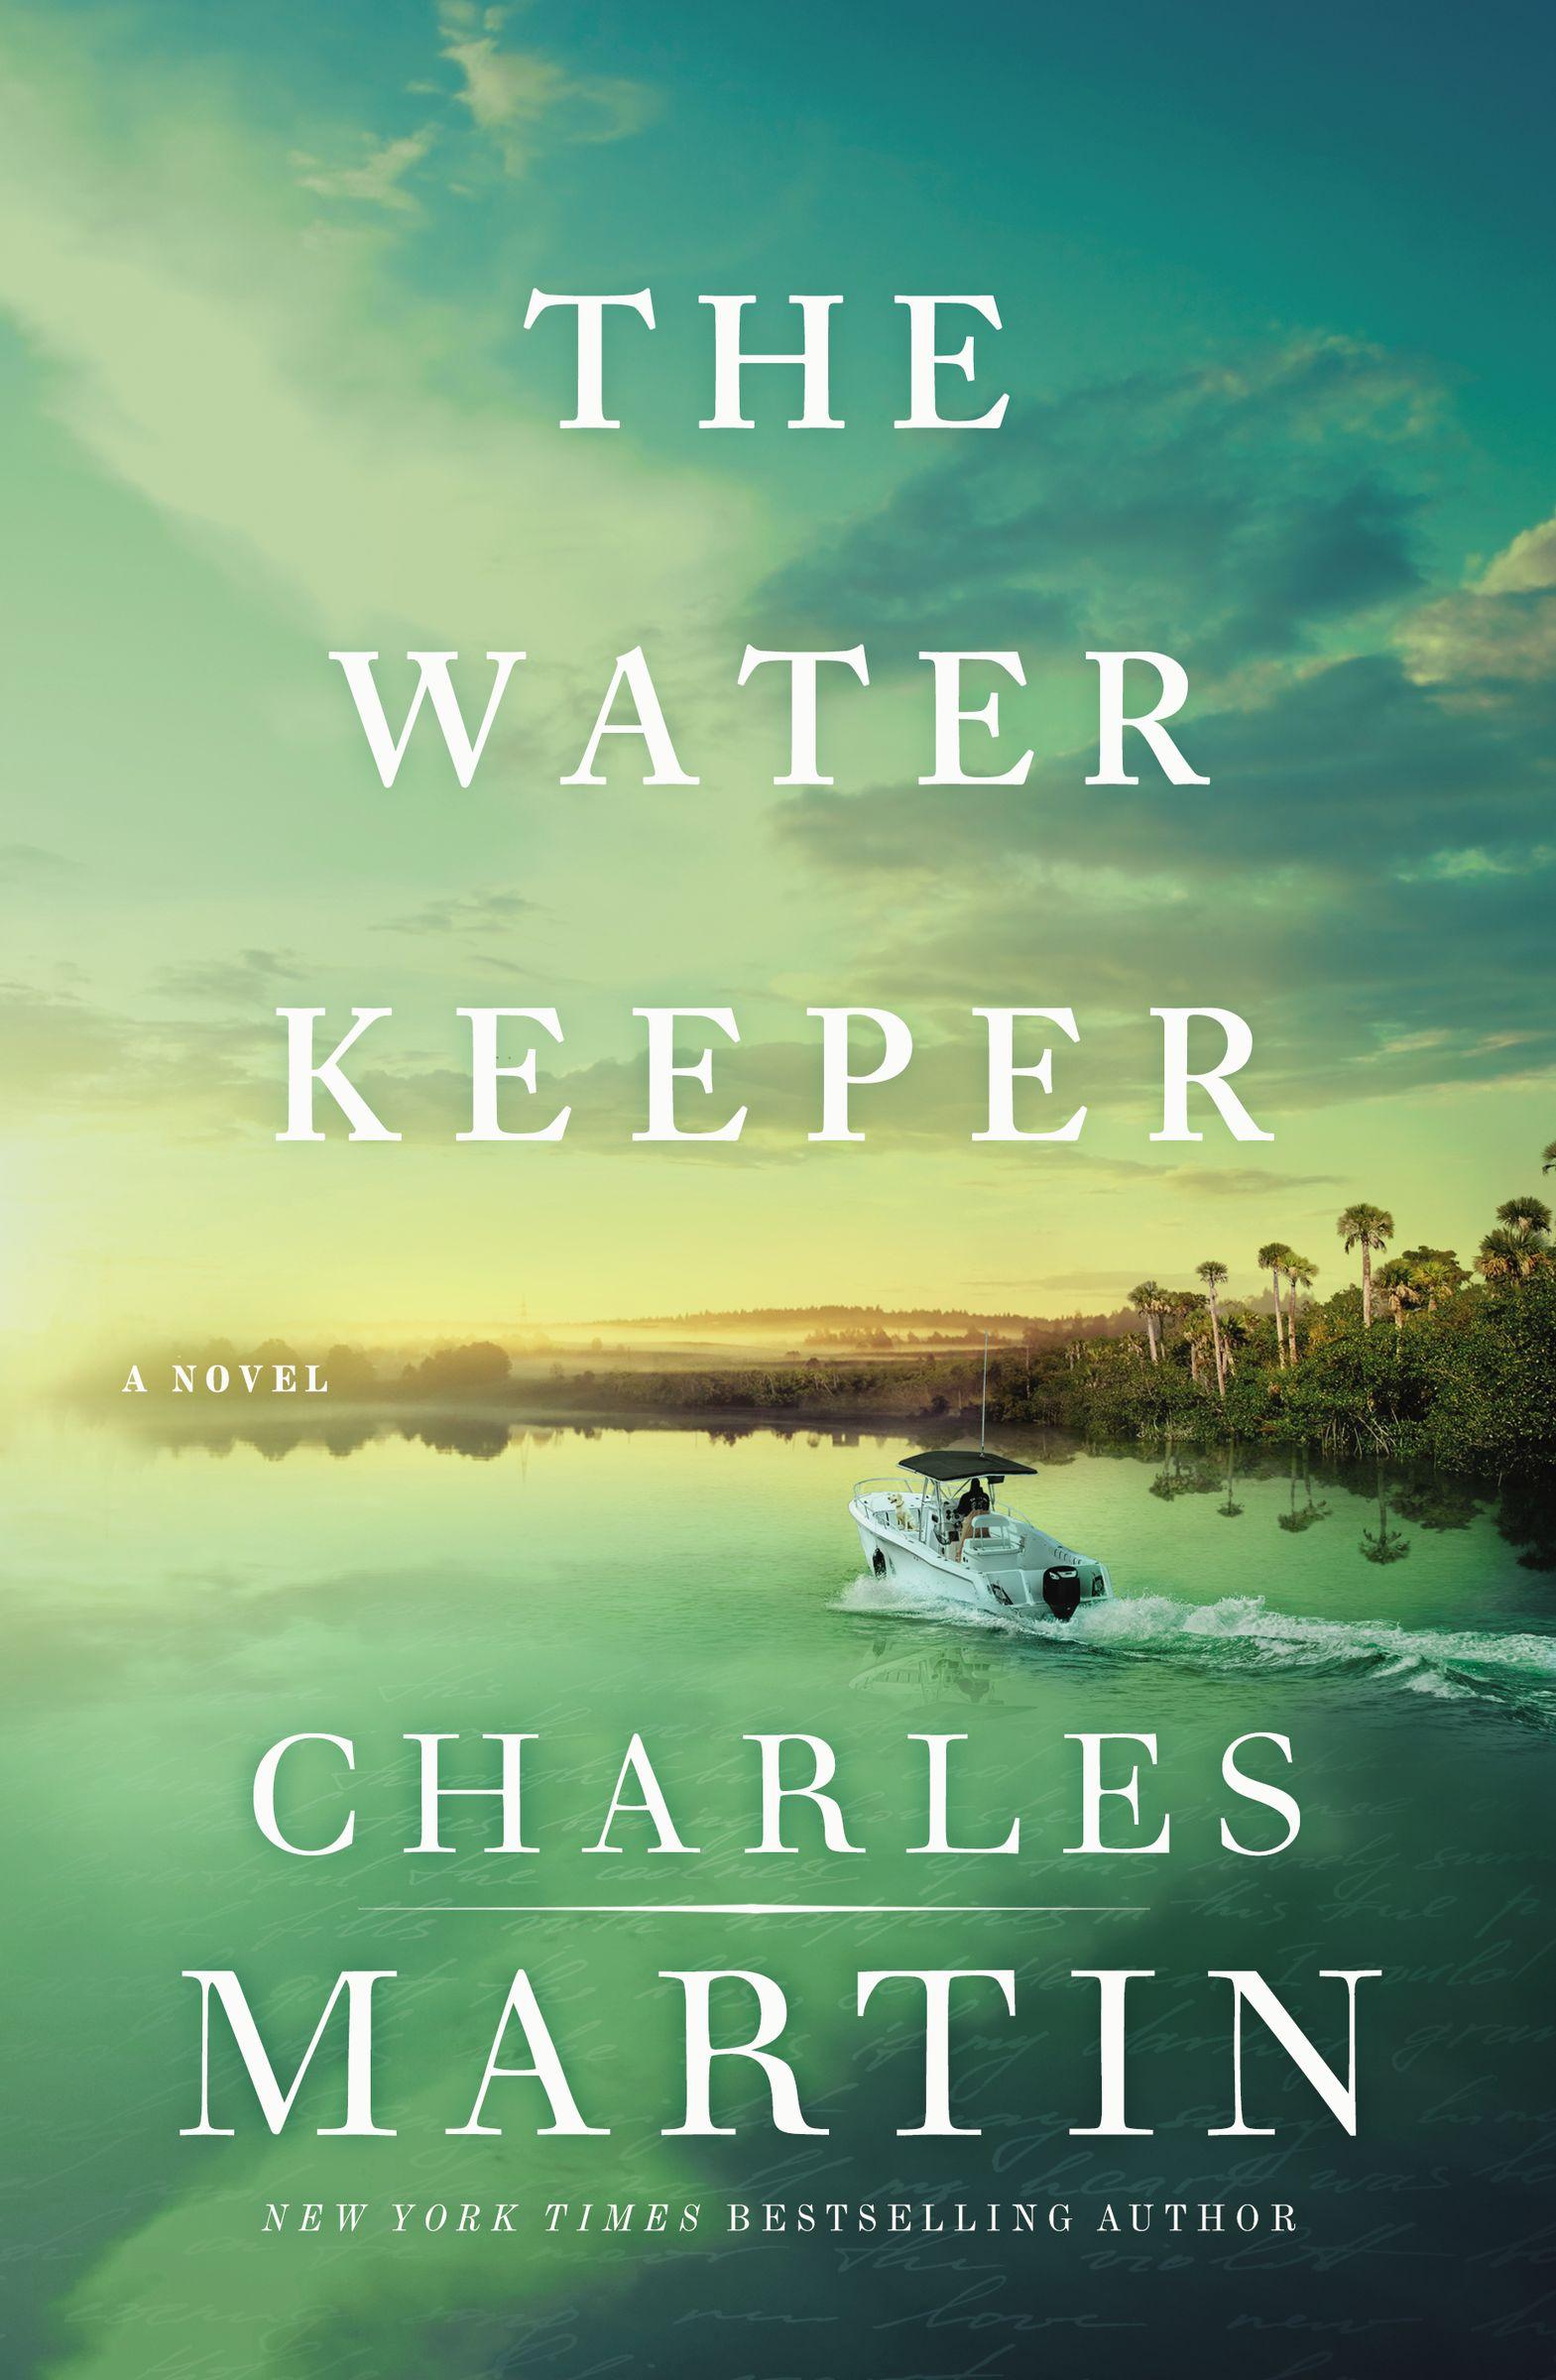 The Water Keeper (Murphy Shepherd #1)